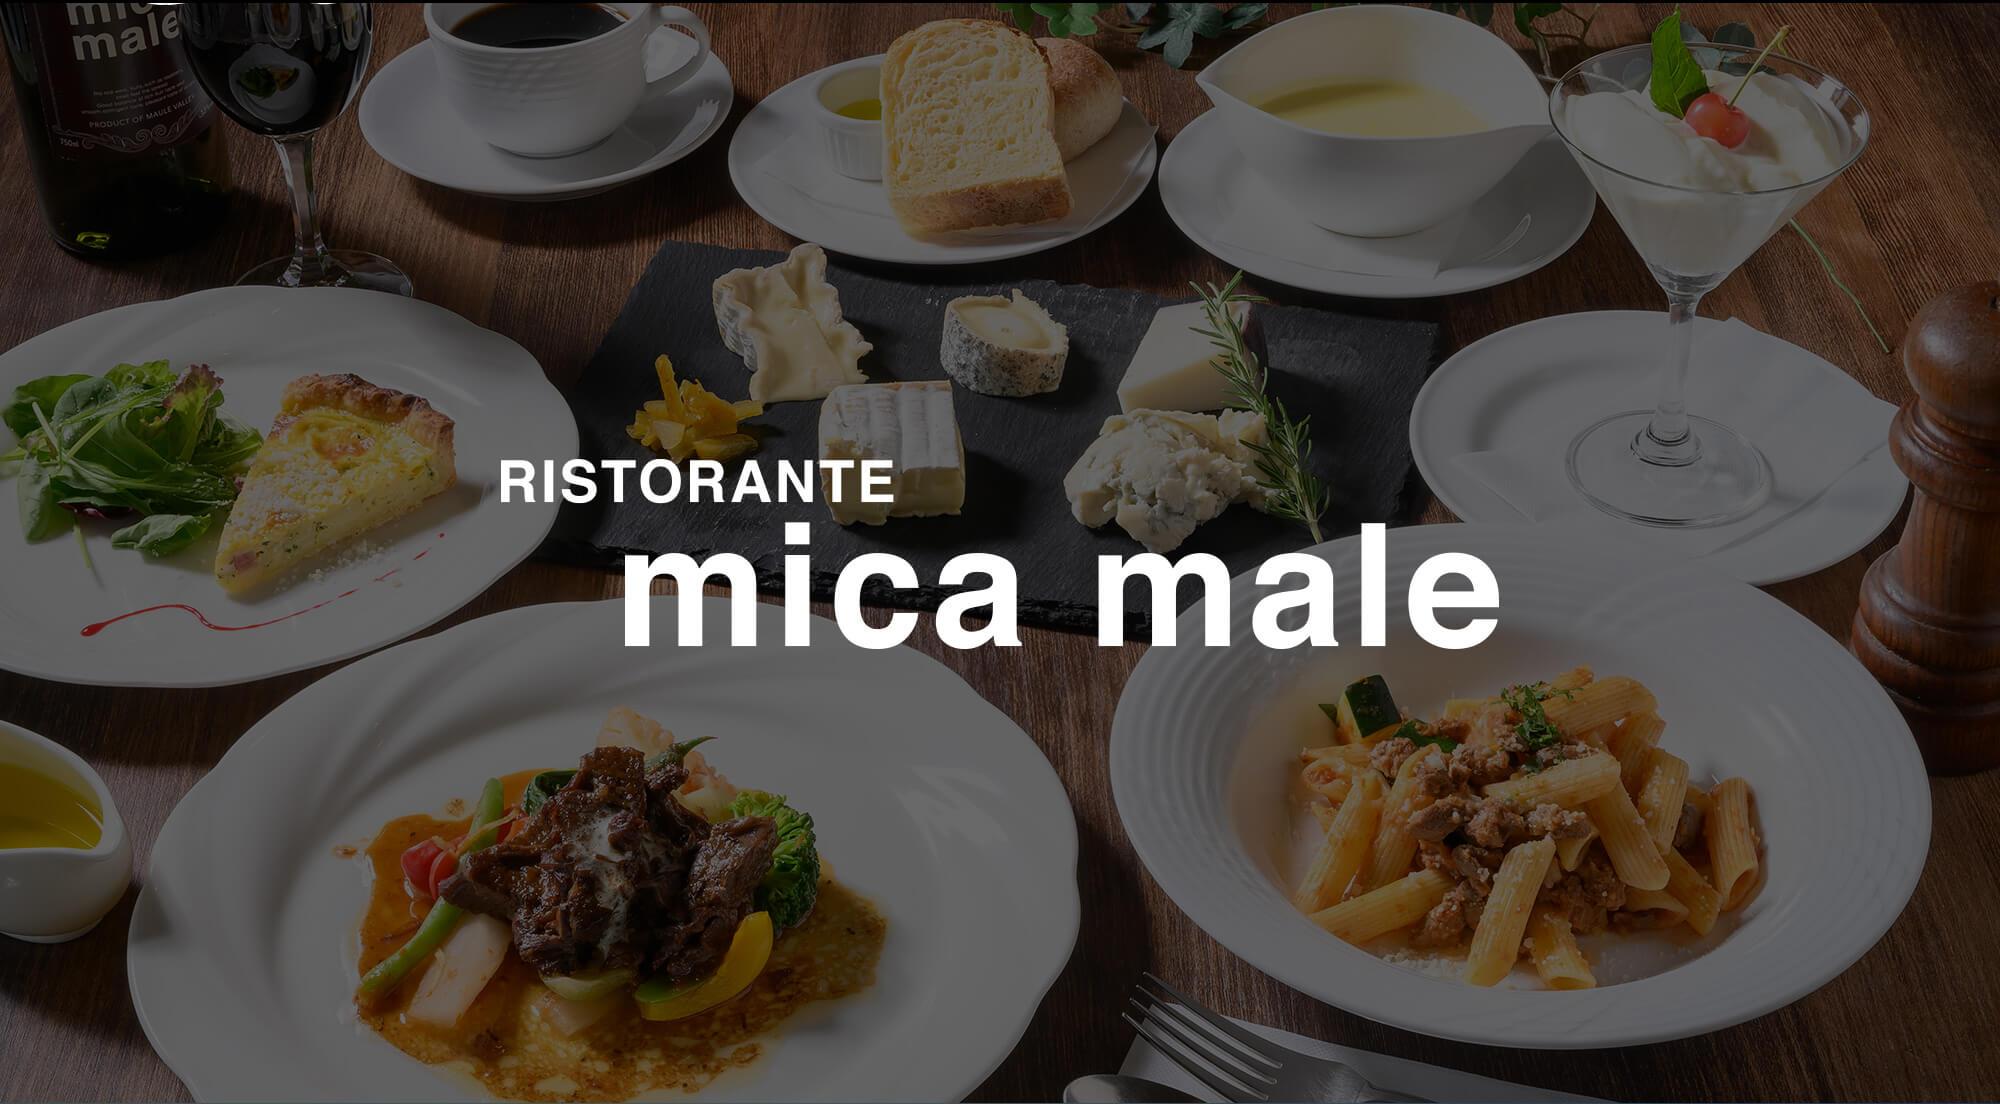 RISTORANTE mica maleの自慢のイタリア料理の数々の画像